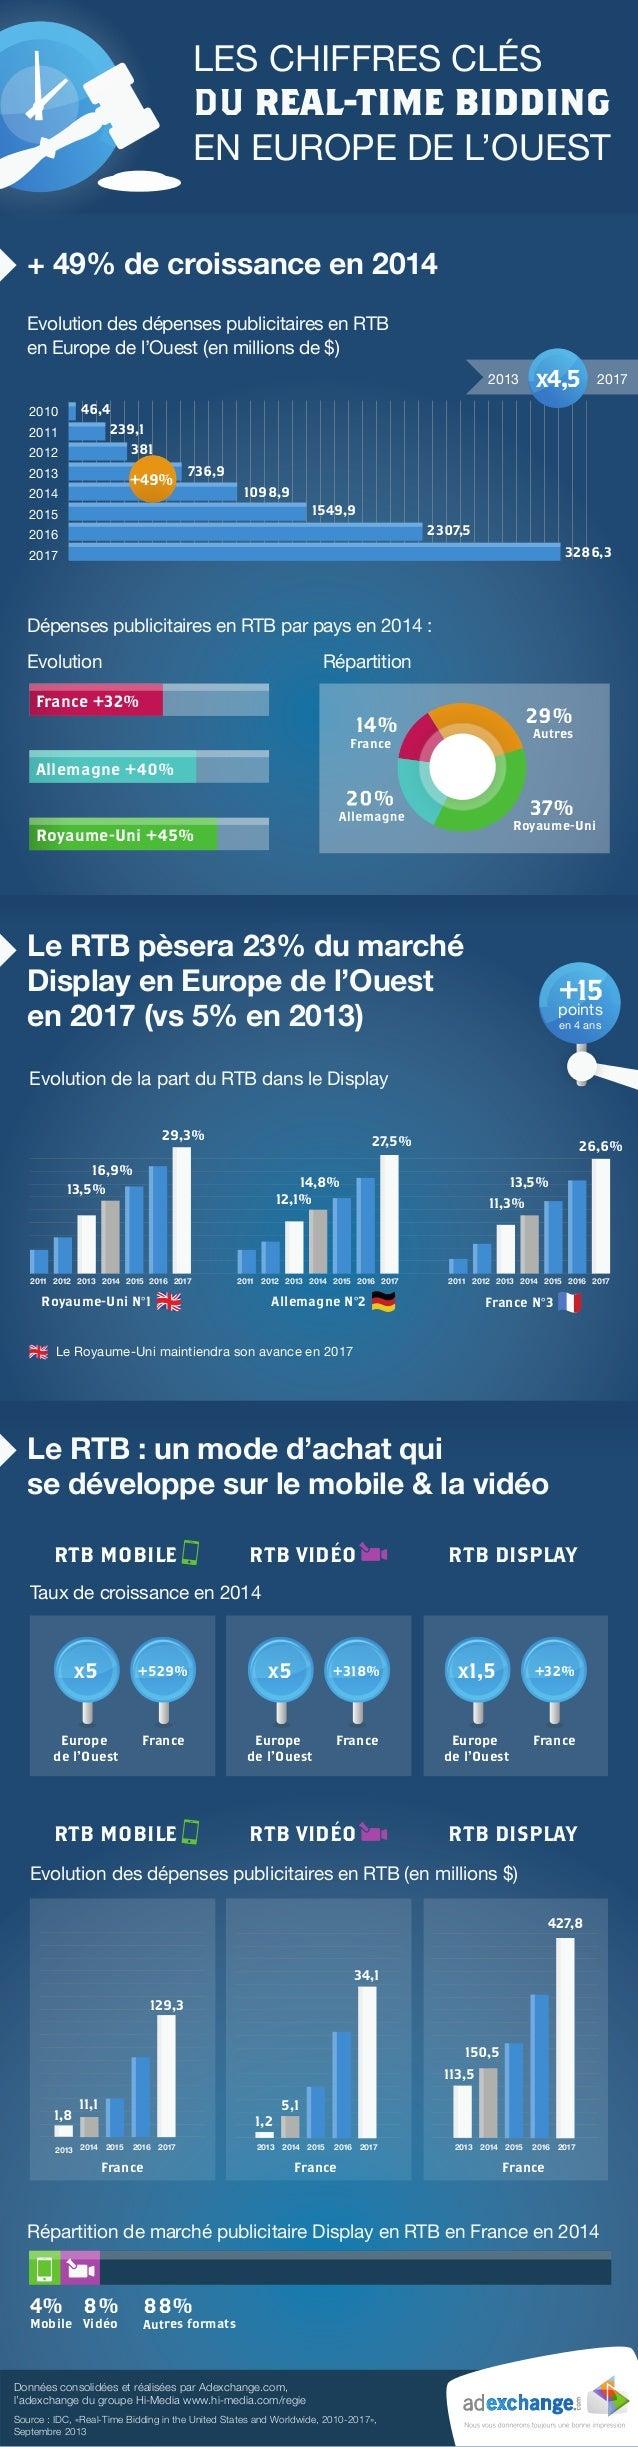 LES CHIFFRES CLÉS DU REAL-TIME BIDDING EN EUROPE DE L'OUEST + 49% de croissance en 2014 Evolution des dépenses publicitair...